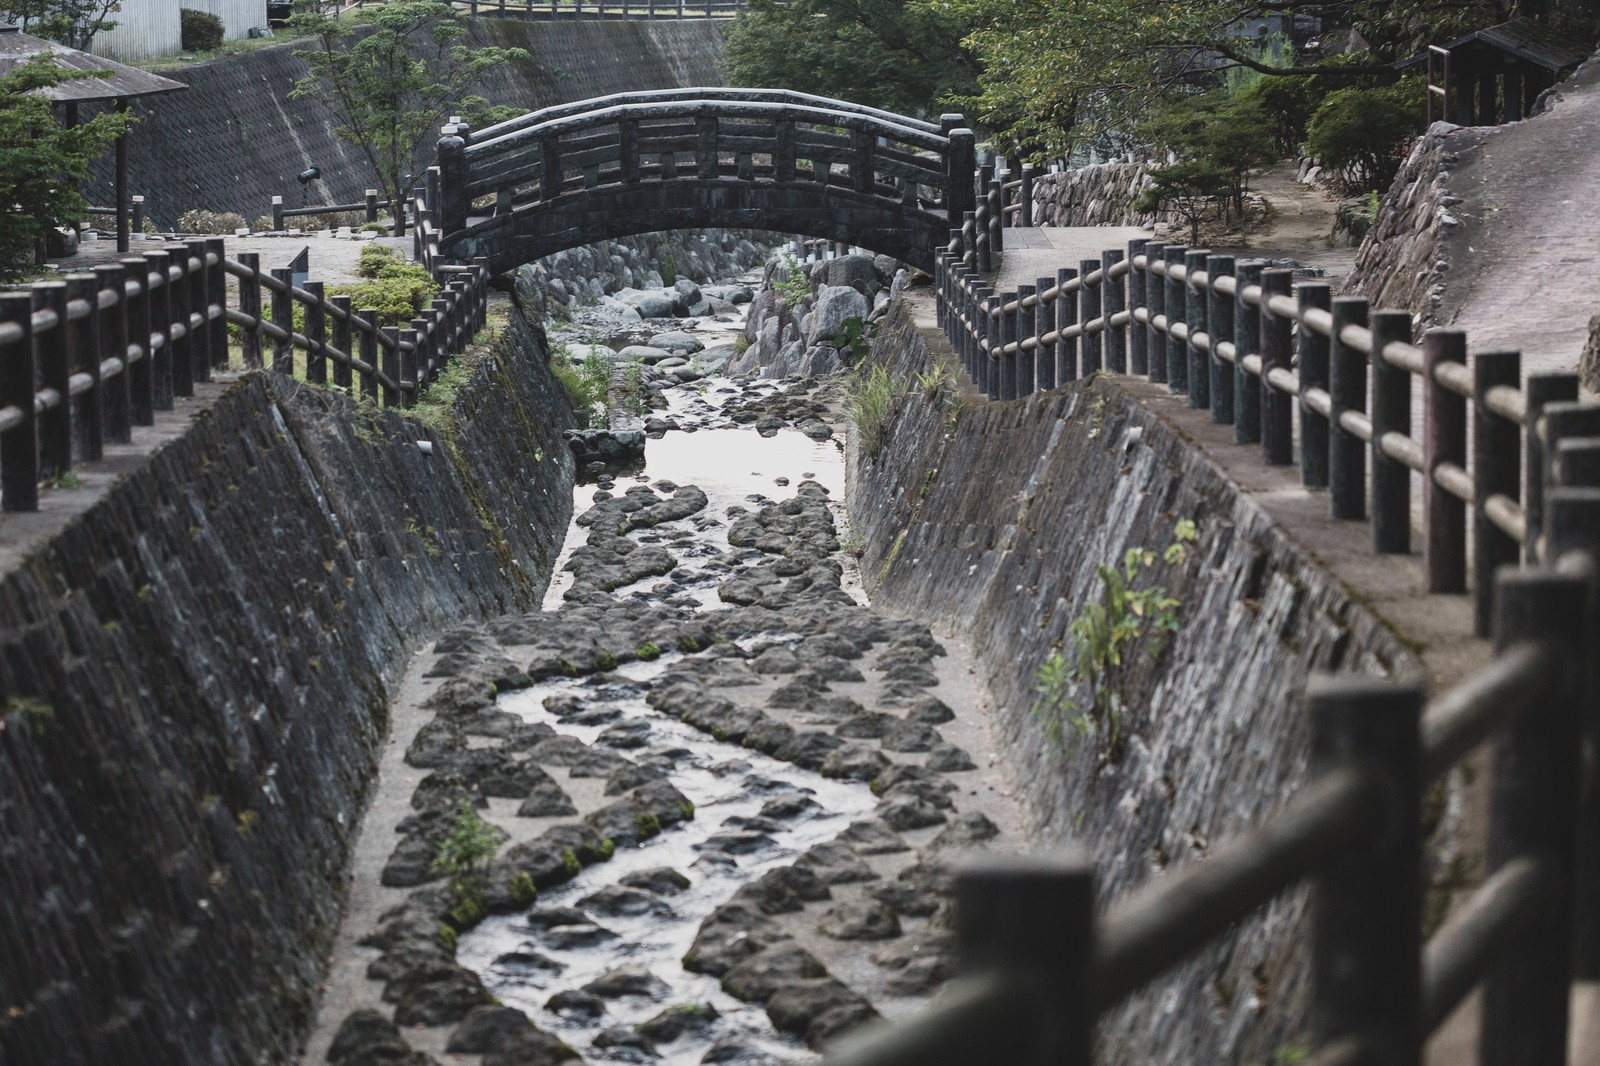 「大川内山の伊万里川大川内山の伊万里川」のフリー写真素材を拡大